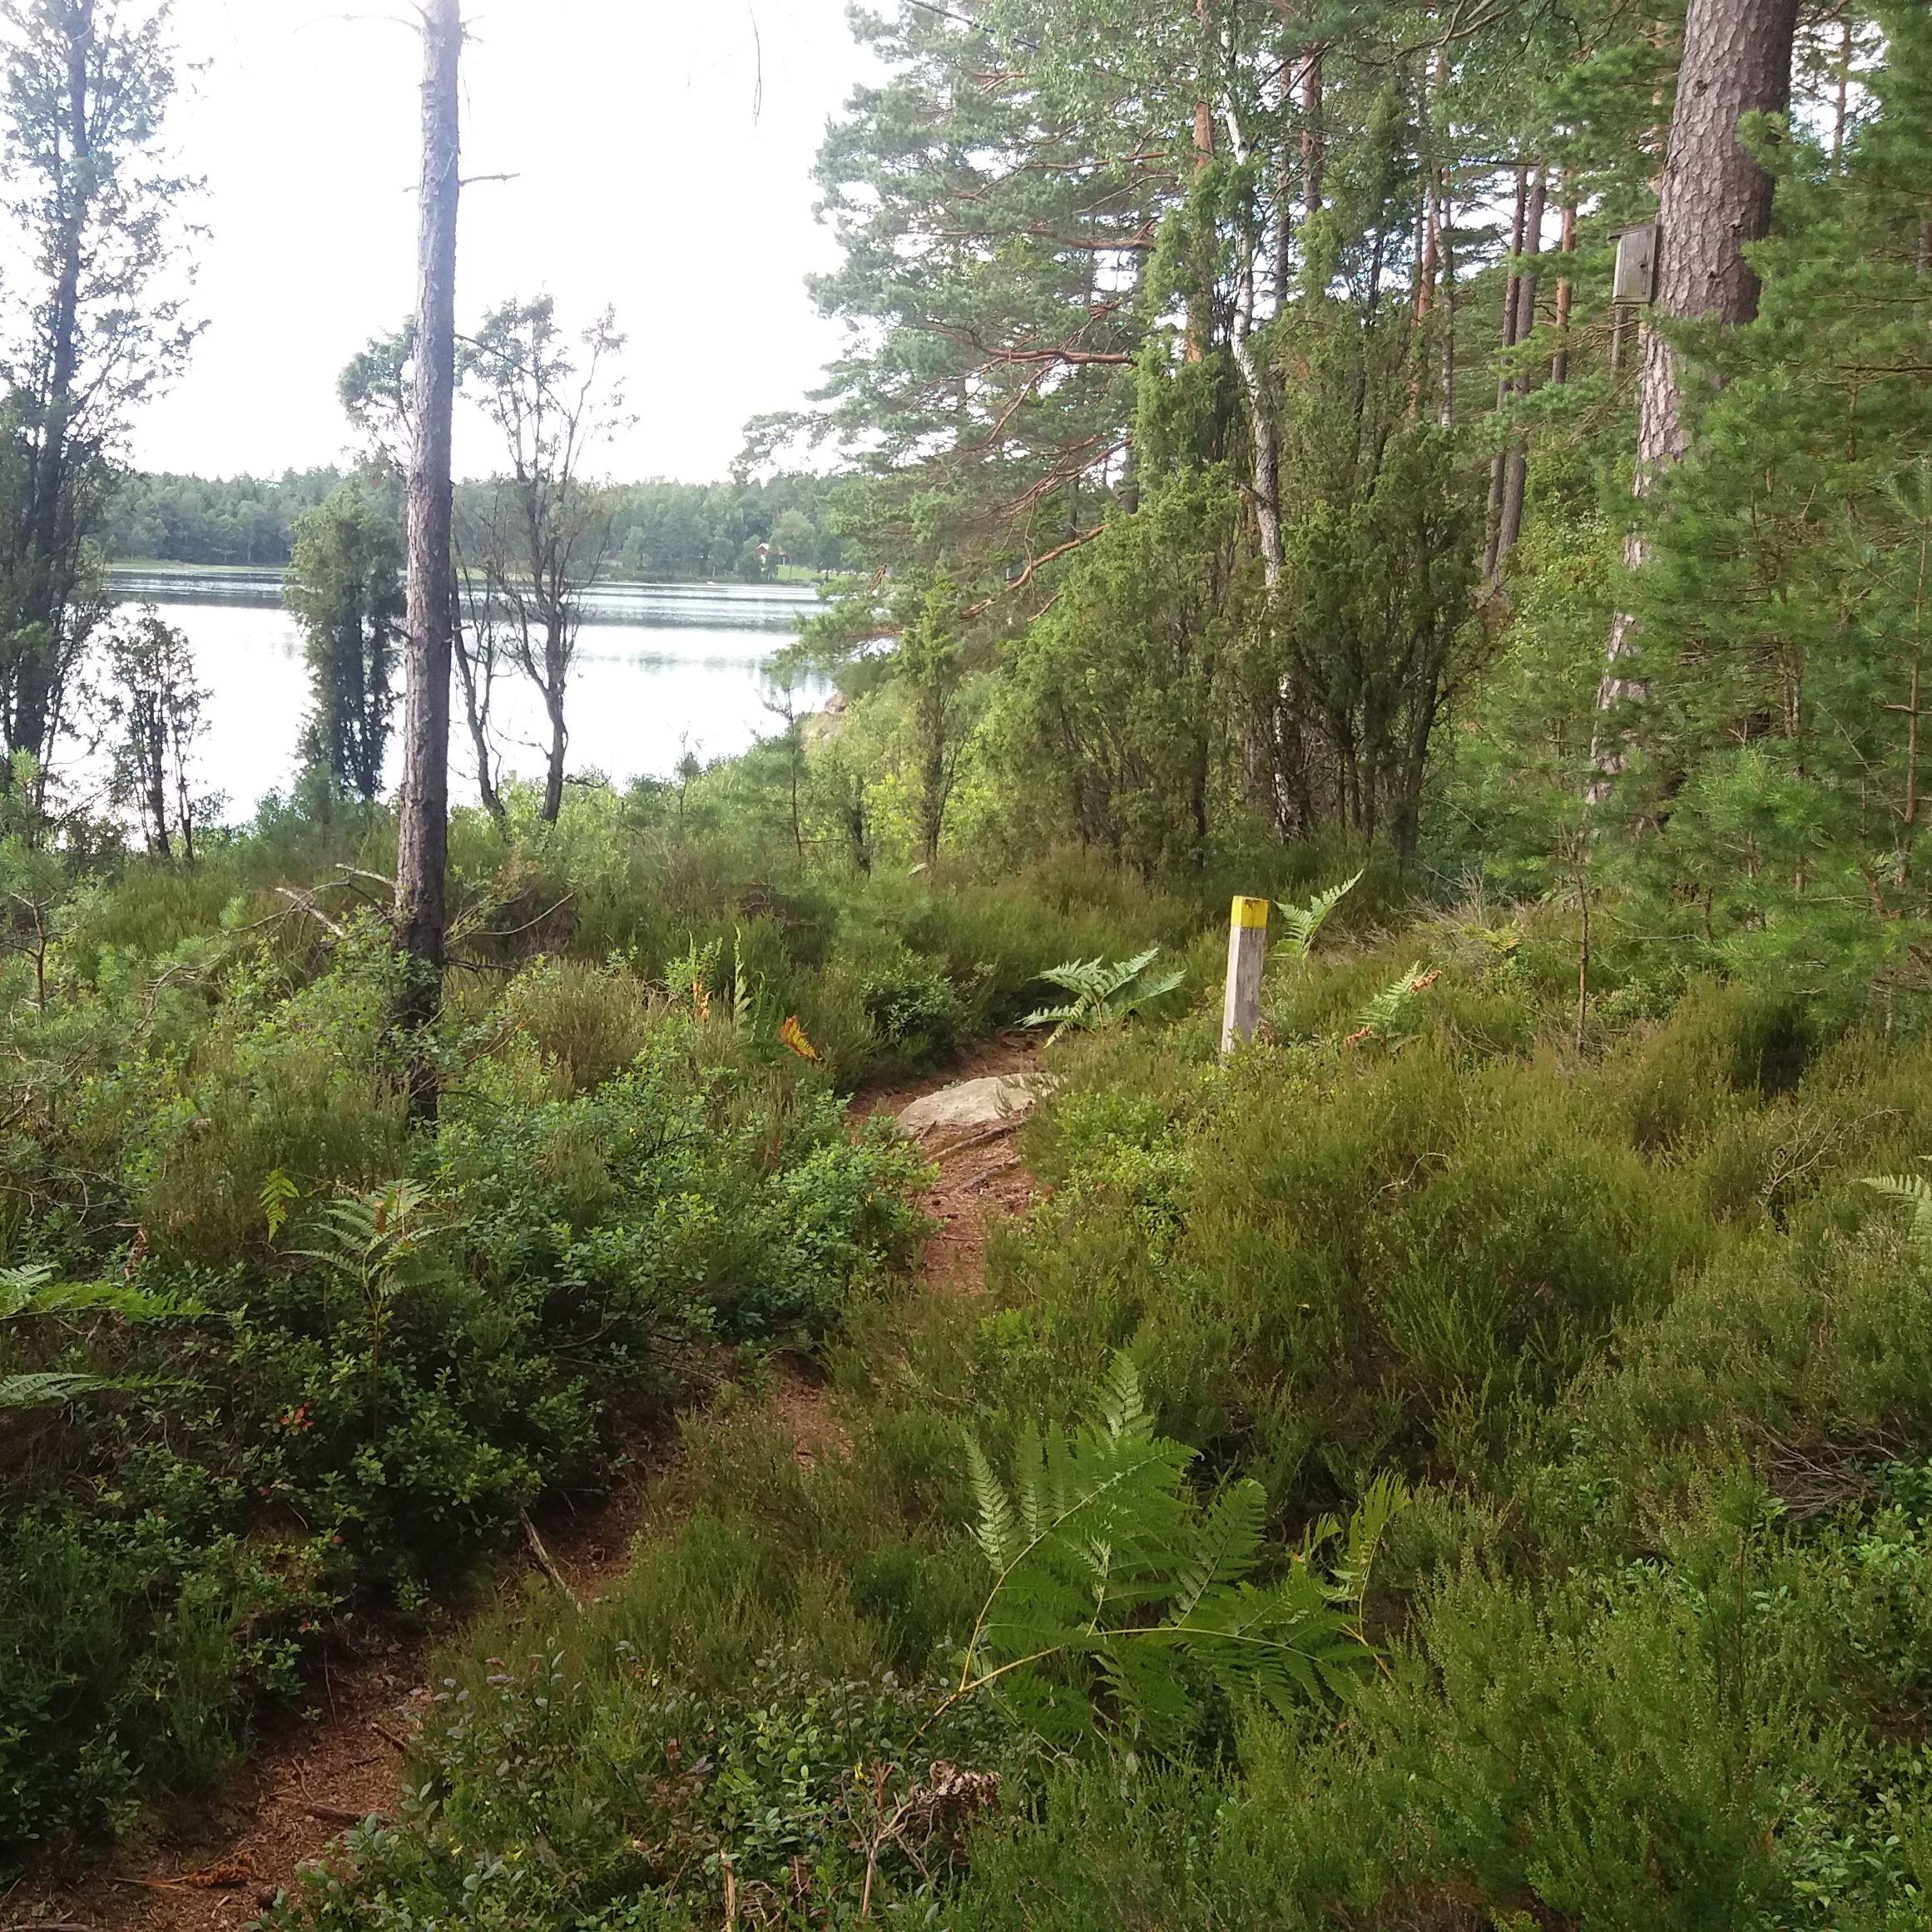 Hjärtasjöstigen - Hiking loop 3 km